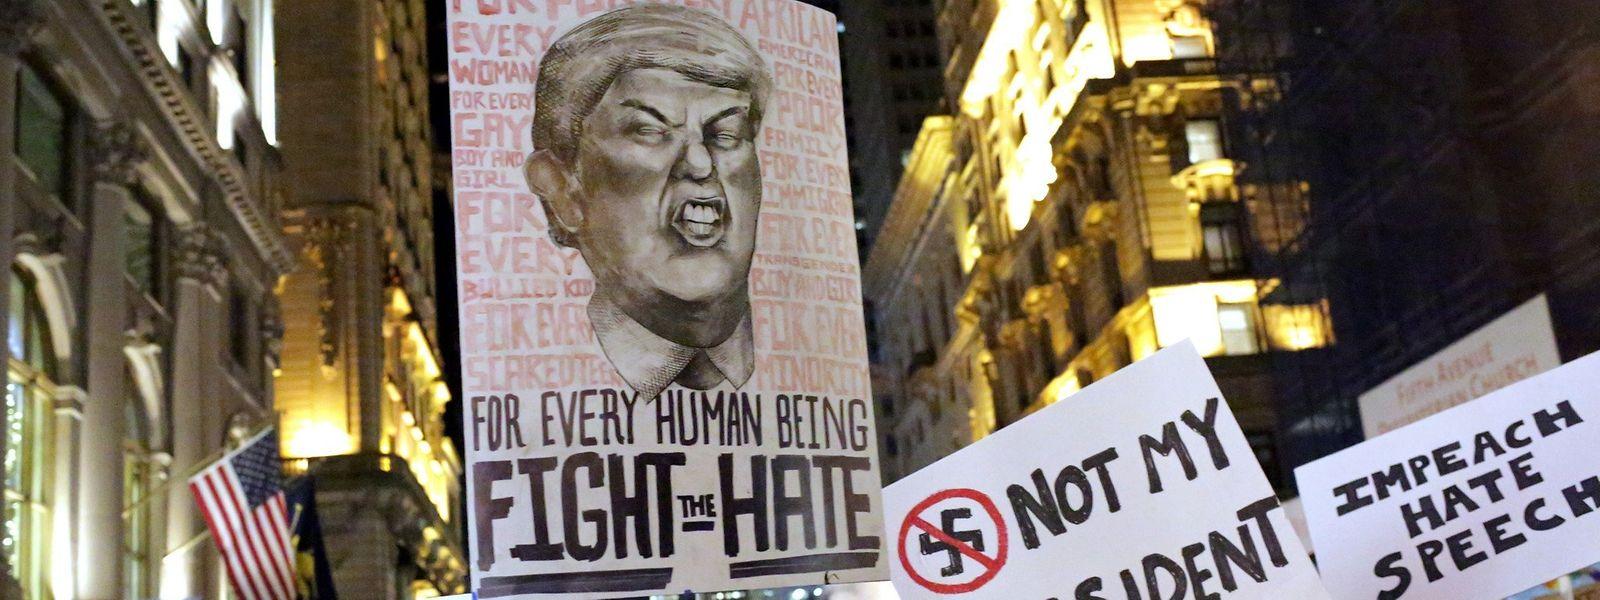 Jeden Abend protestieren Trump-Gegner in vielen amerikanischen Städten.